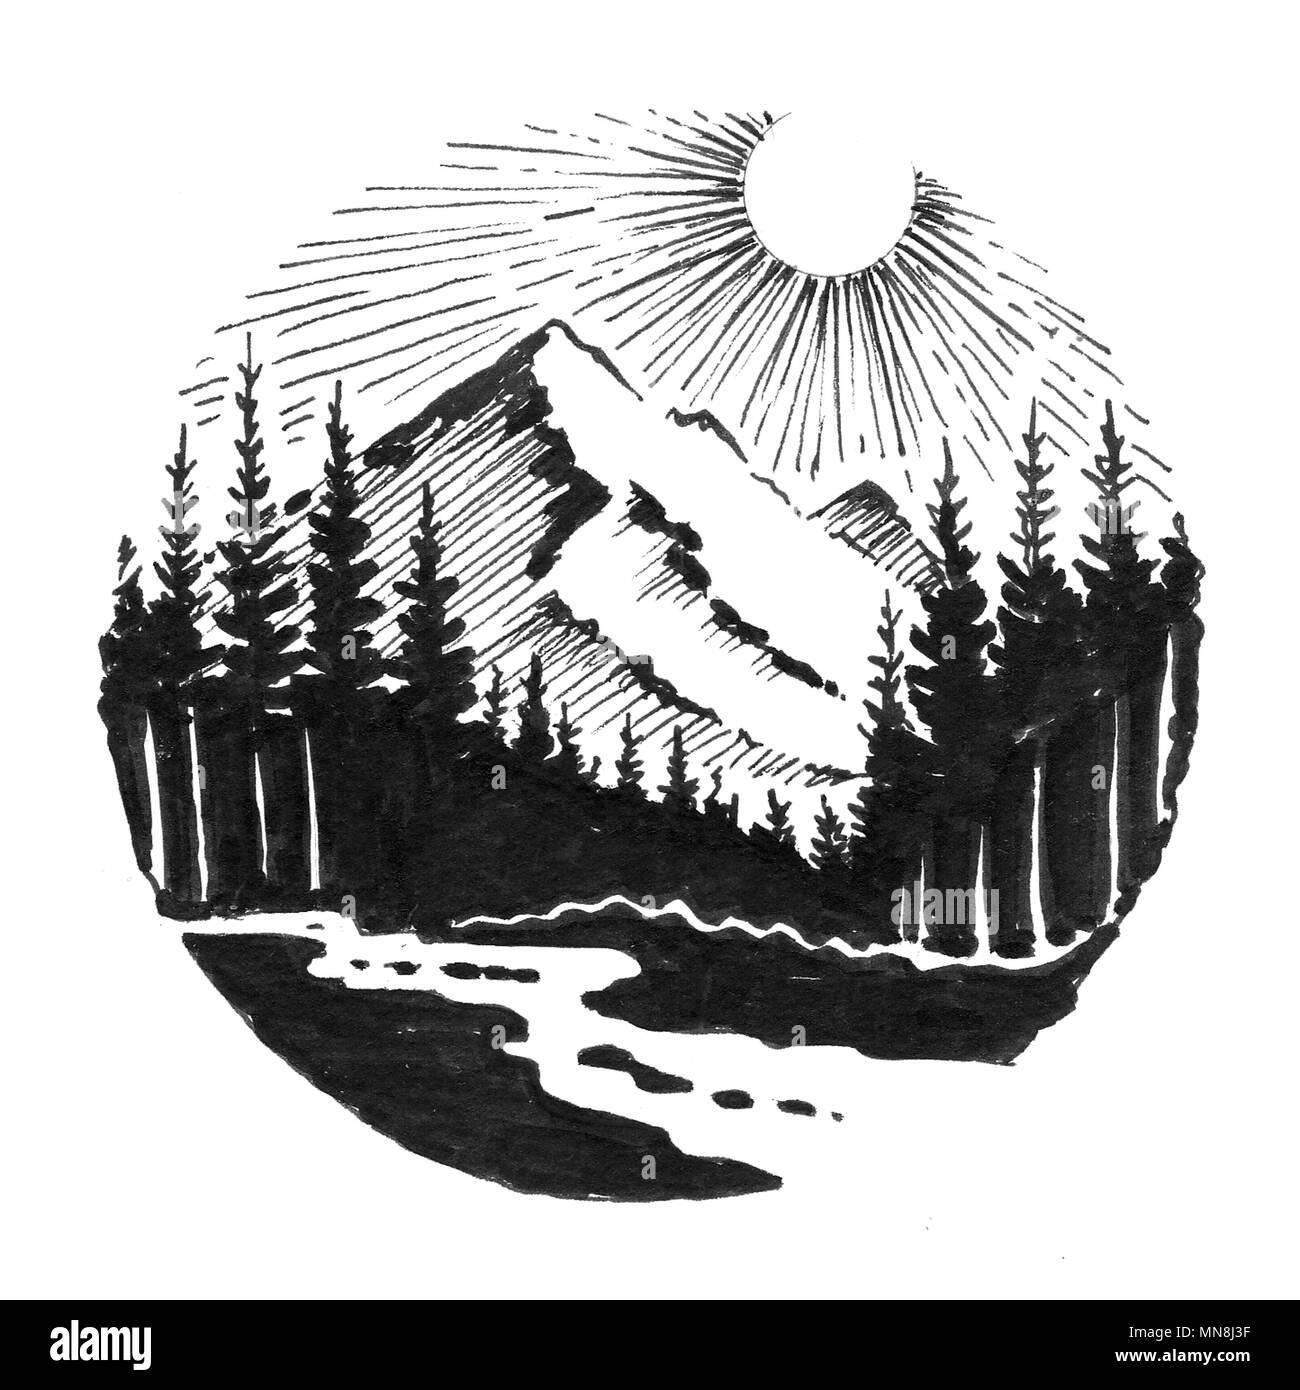 Fiume Di Montagna Paesaggio L Inchiostro Bianco E Nero Disegno Foto